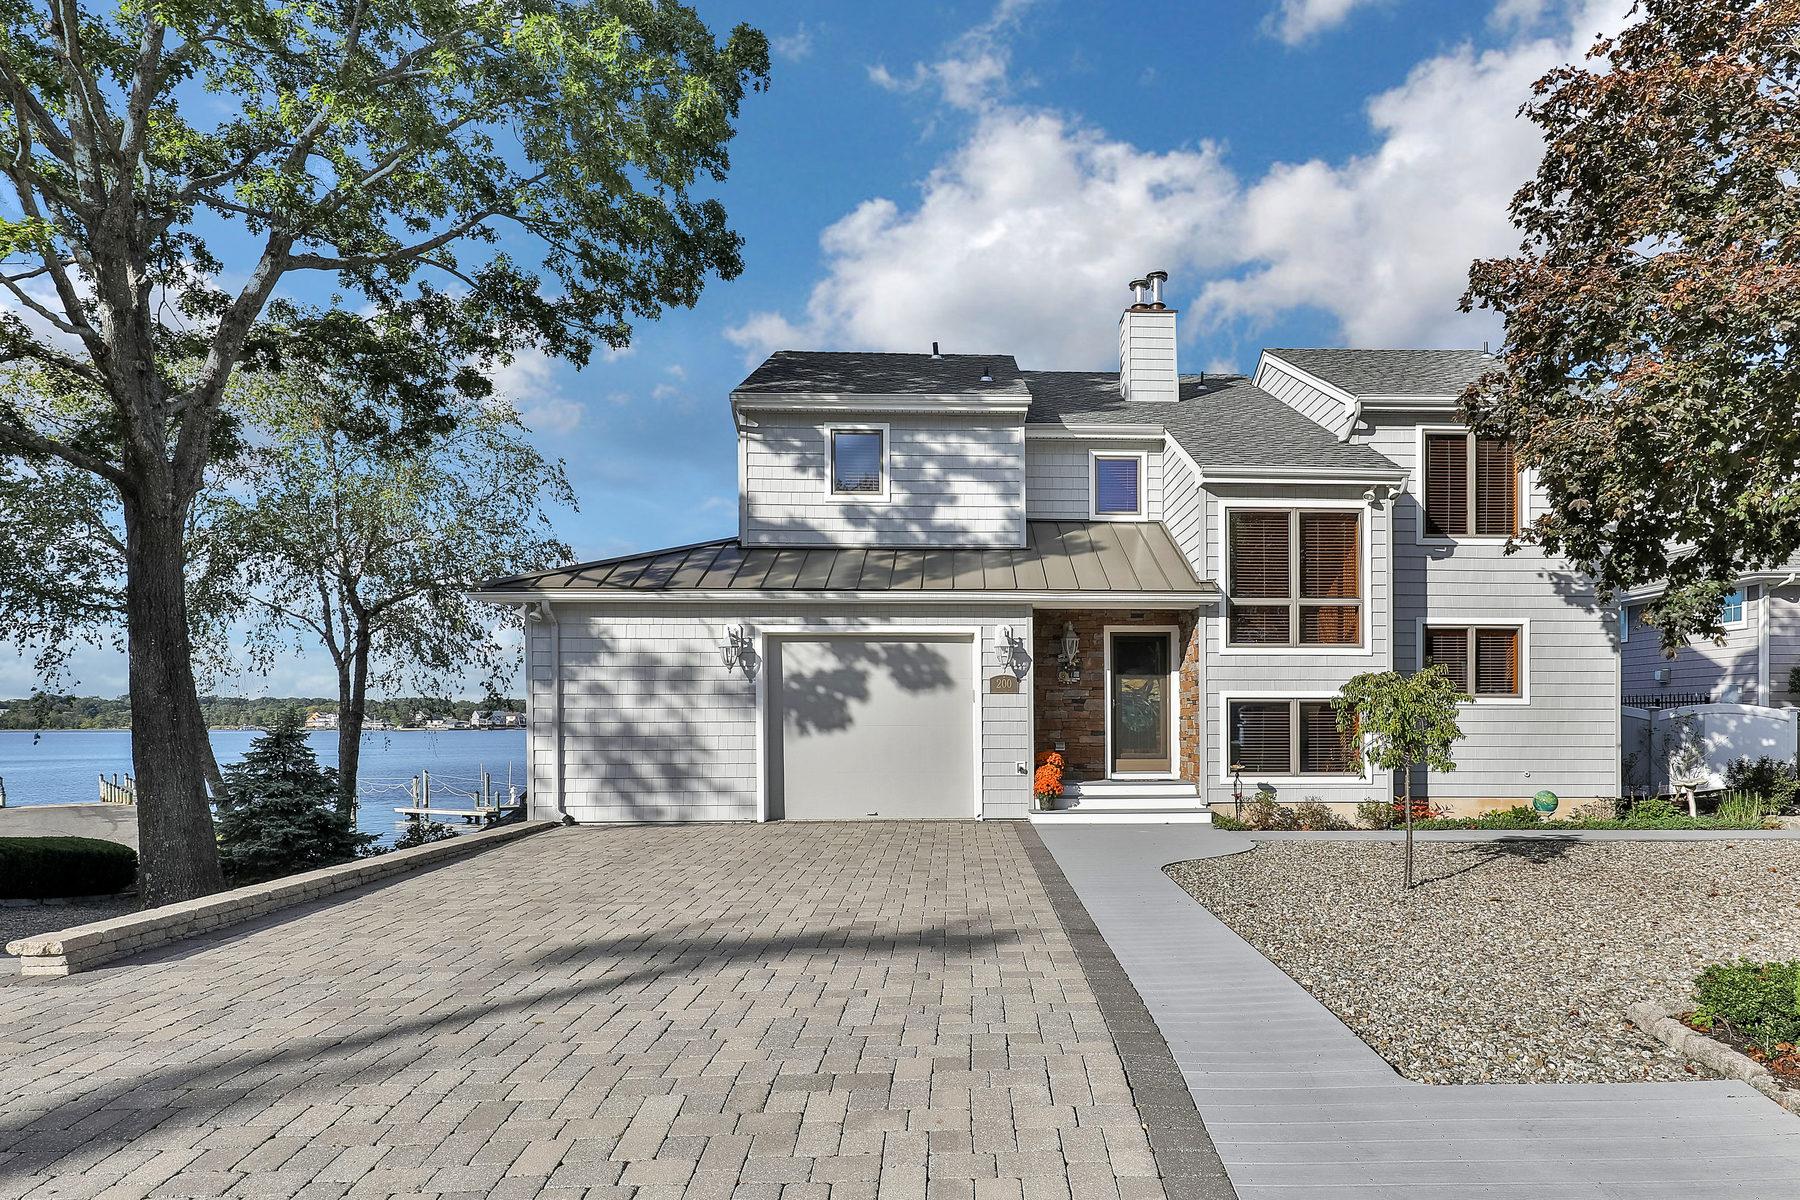 Maison unifamiliale pour l Vente à One Of A Kind Riverfront Home 200 Prospect Avenue Pine Beach, New Jersey 08741 États-Unis